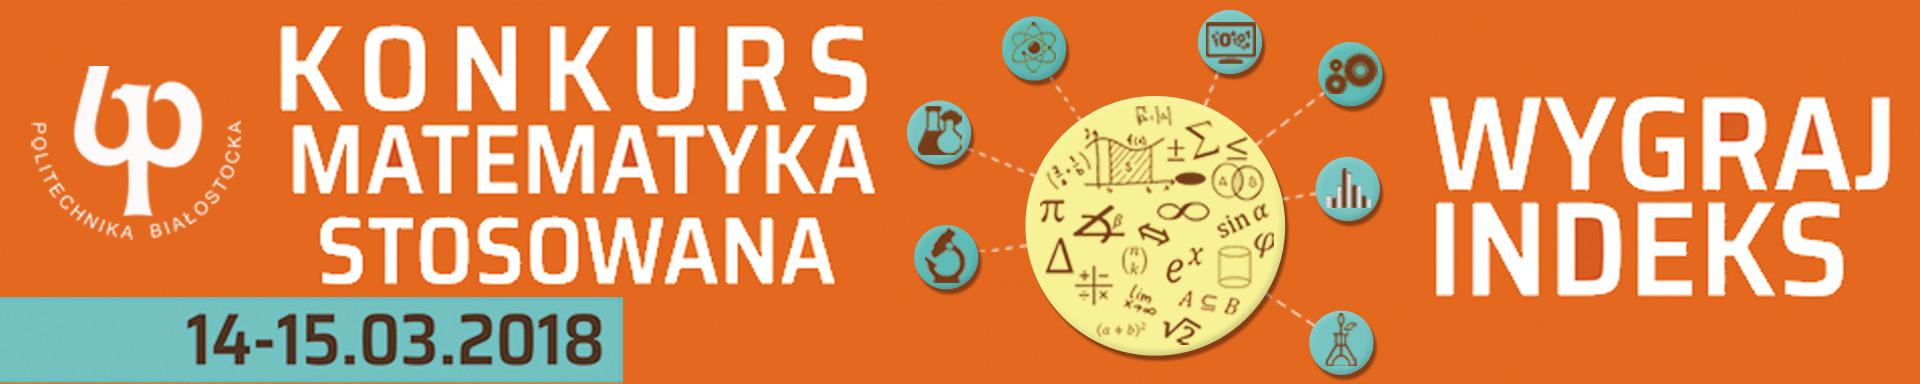 SIGNUM - Konkurs ,,Matematyka stosowana' 2017/18